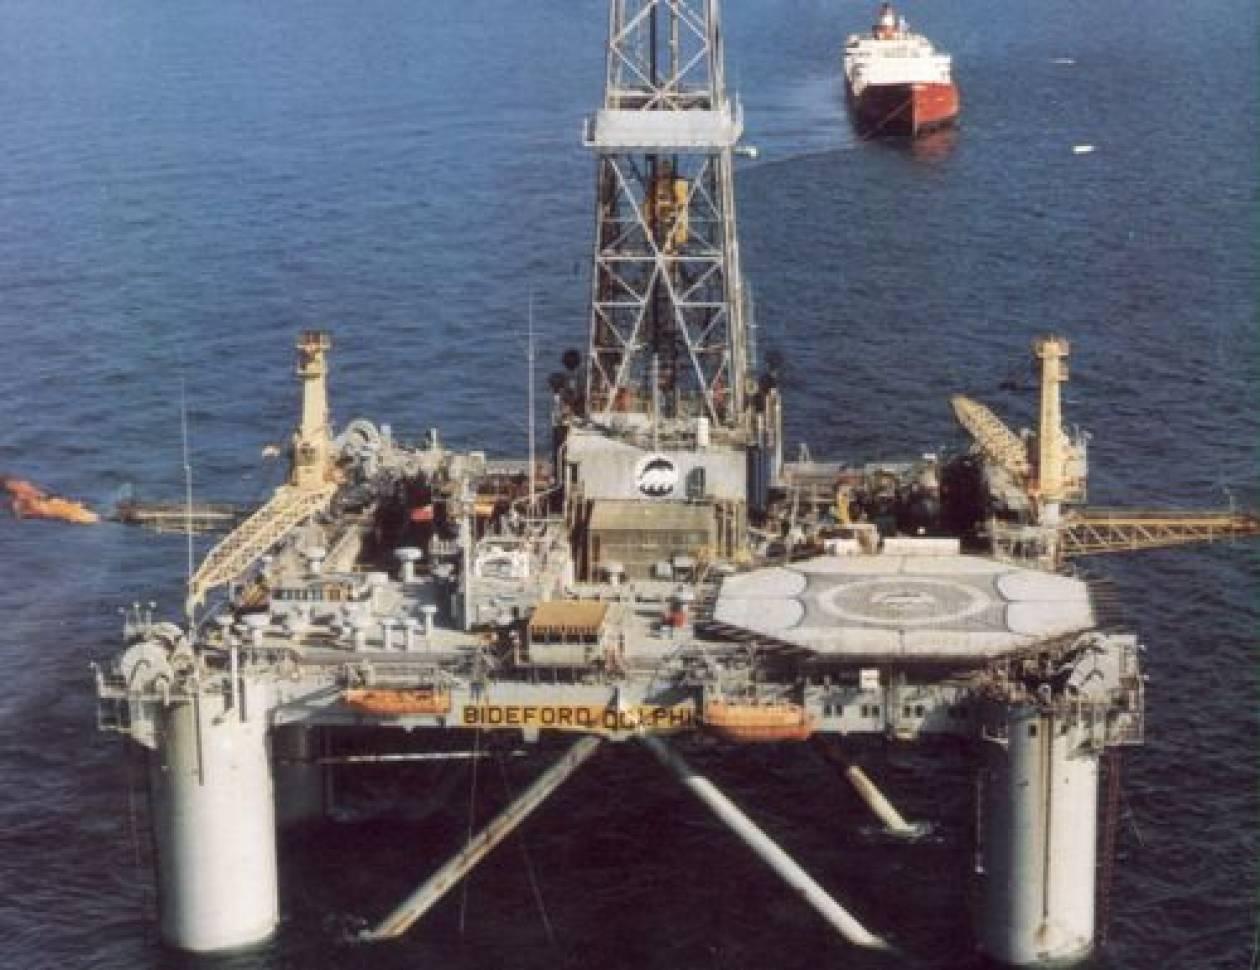 Επιτέλους! Ανοίγει ο δρόμος για το πετρέλαιο